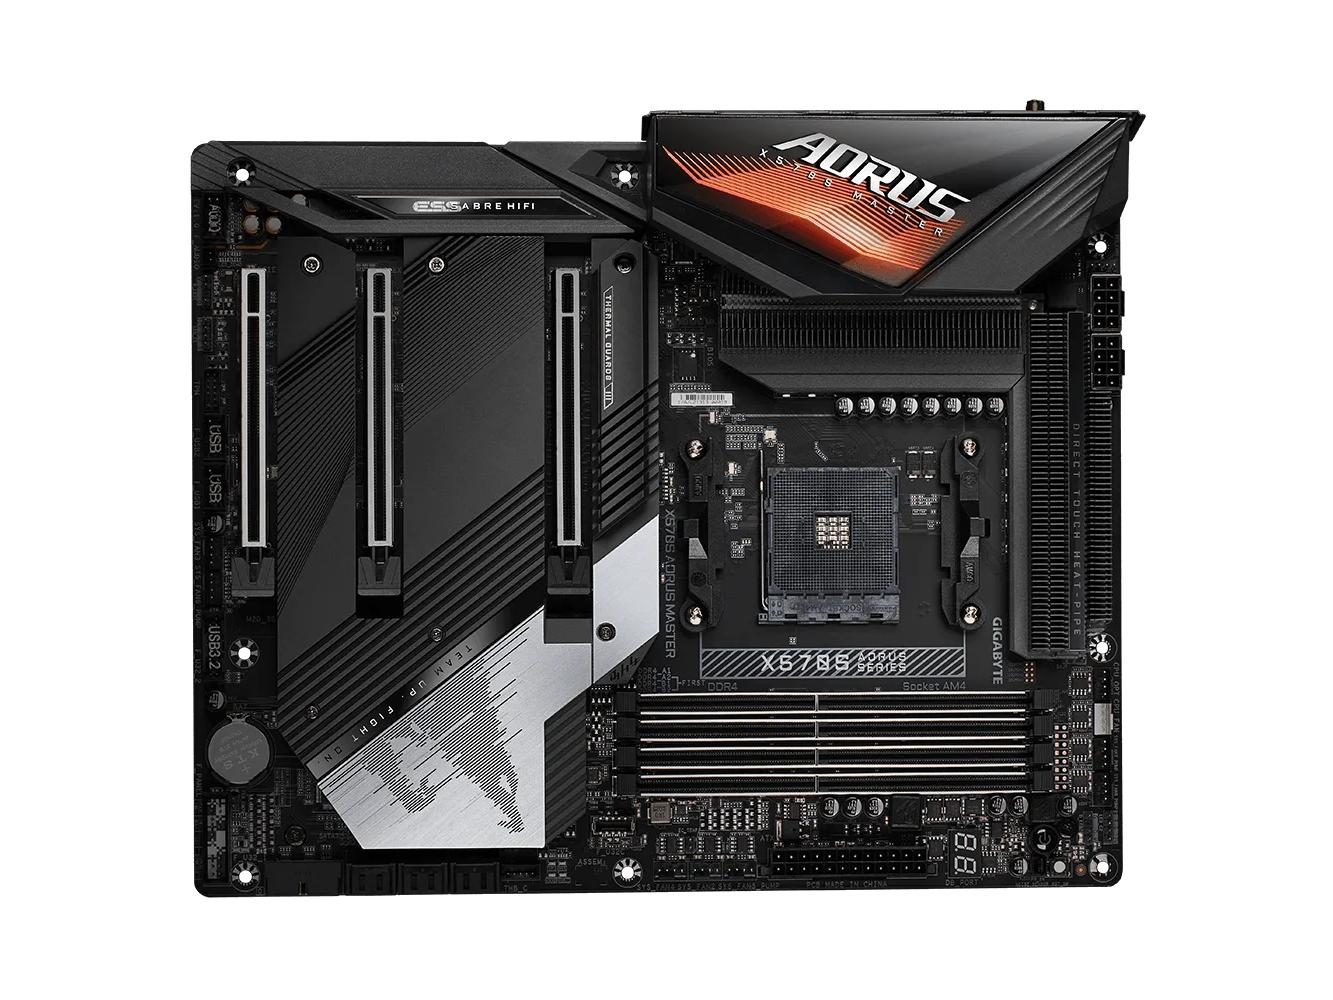 AMD X570搭載のハイエンドマザーボード「X570S AORUS MASTER」。ヒートシンクのデザインが一新され大幅にイメージが変わった